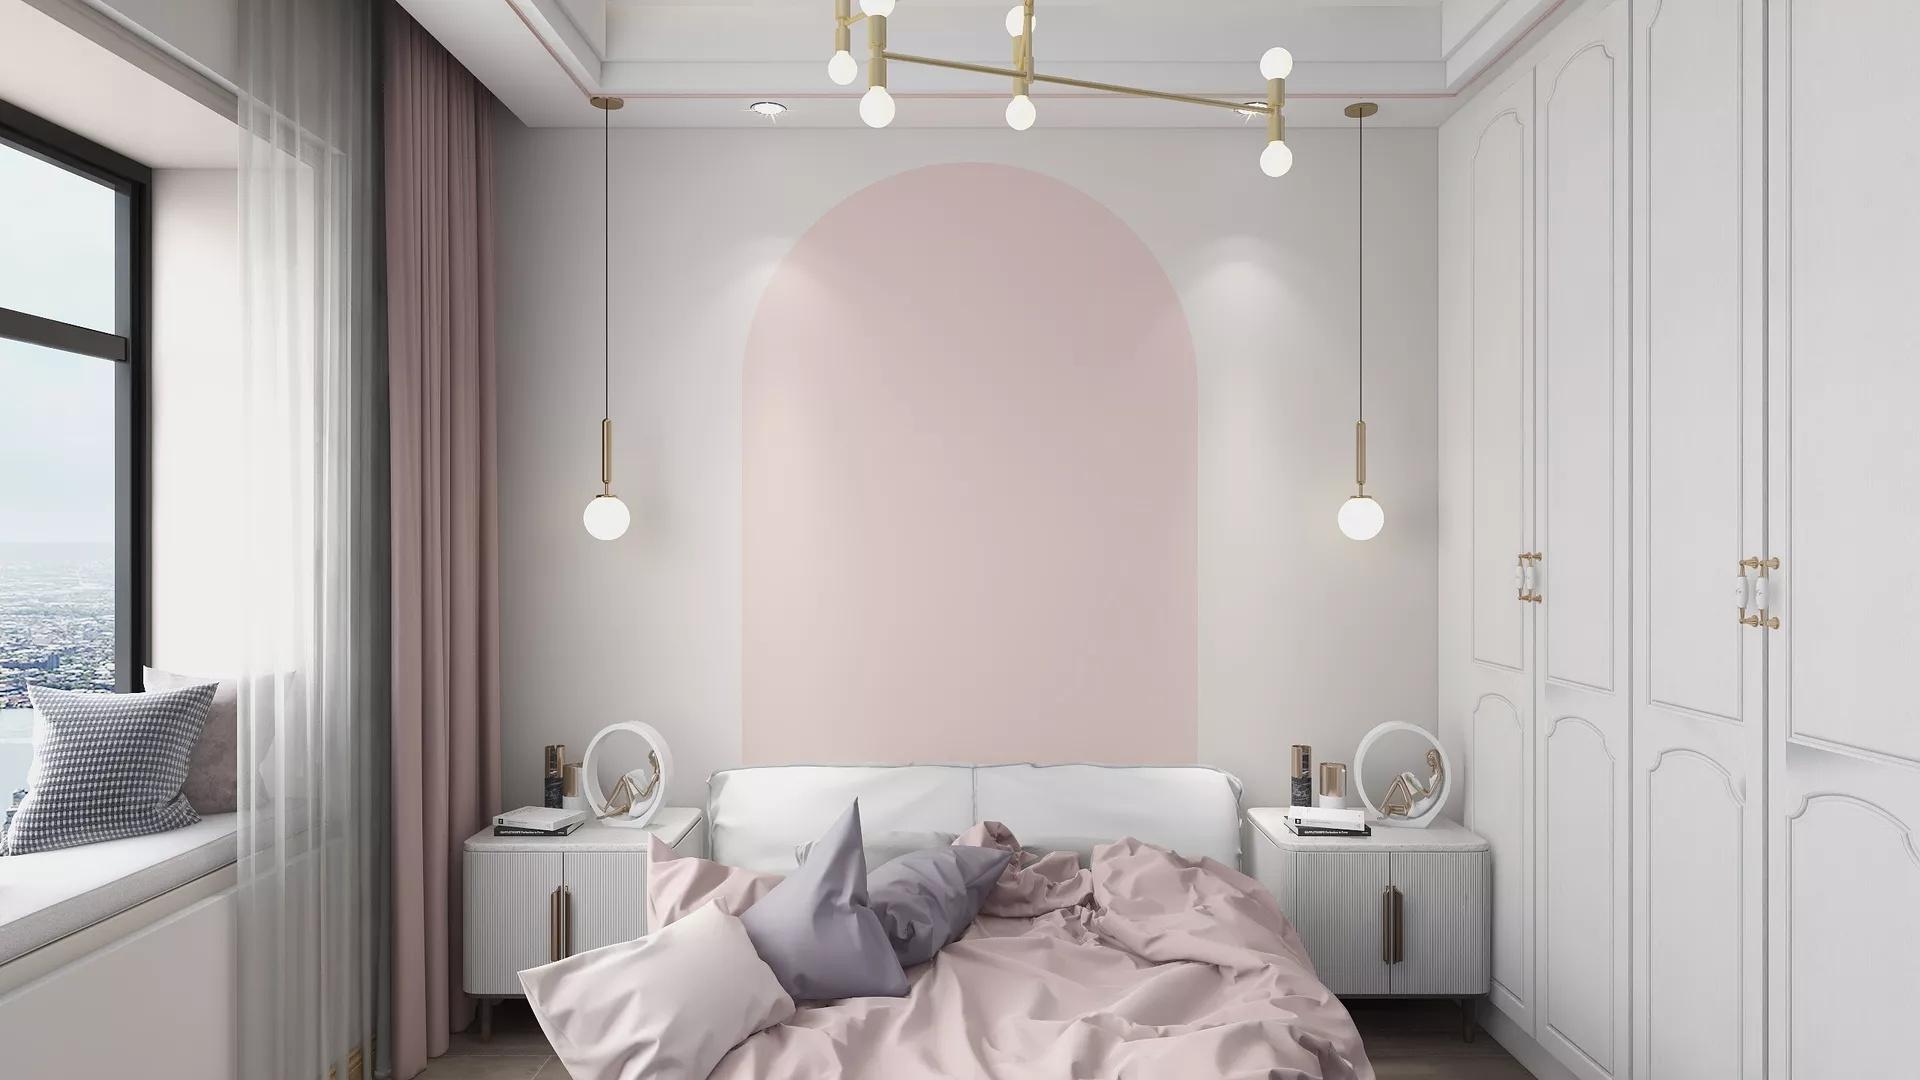 蕾丝窗帘选哪种颜色合适?家居蕾丝窗帘颜色有什么?